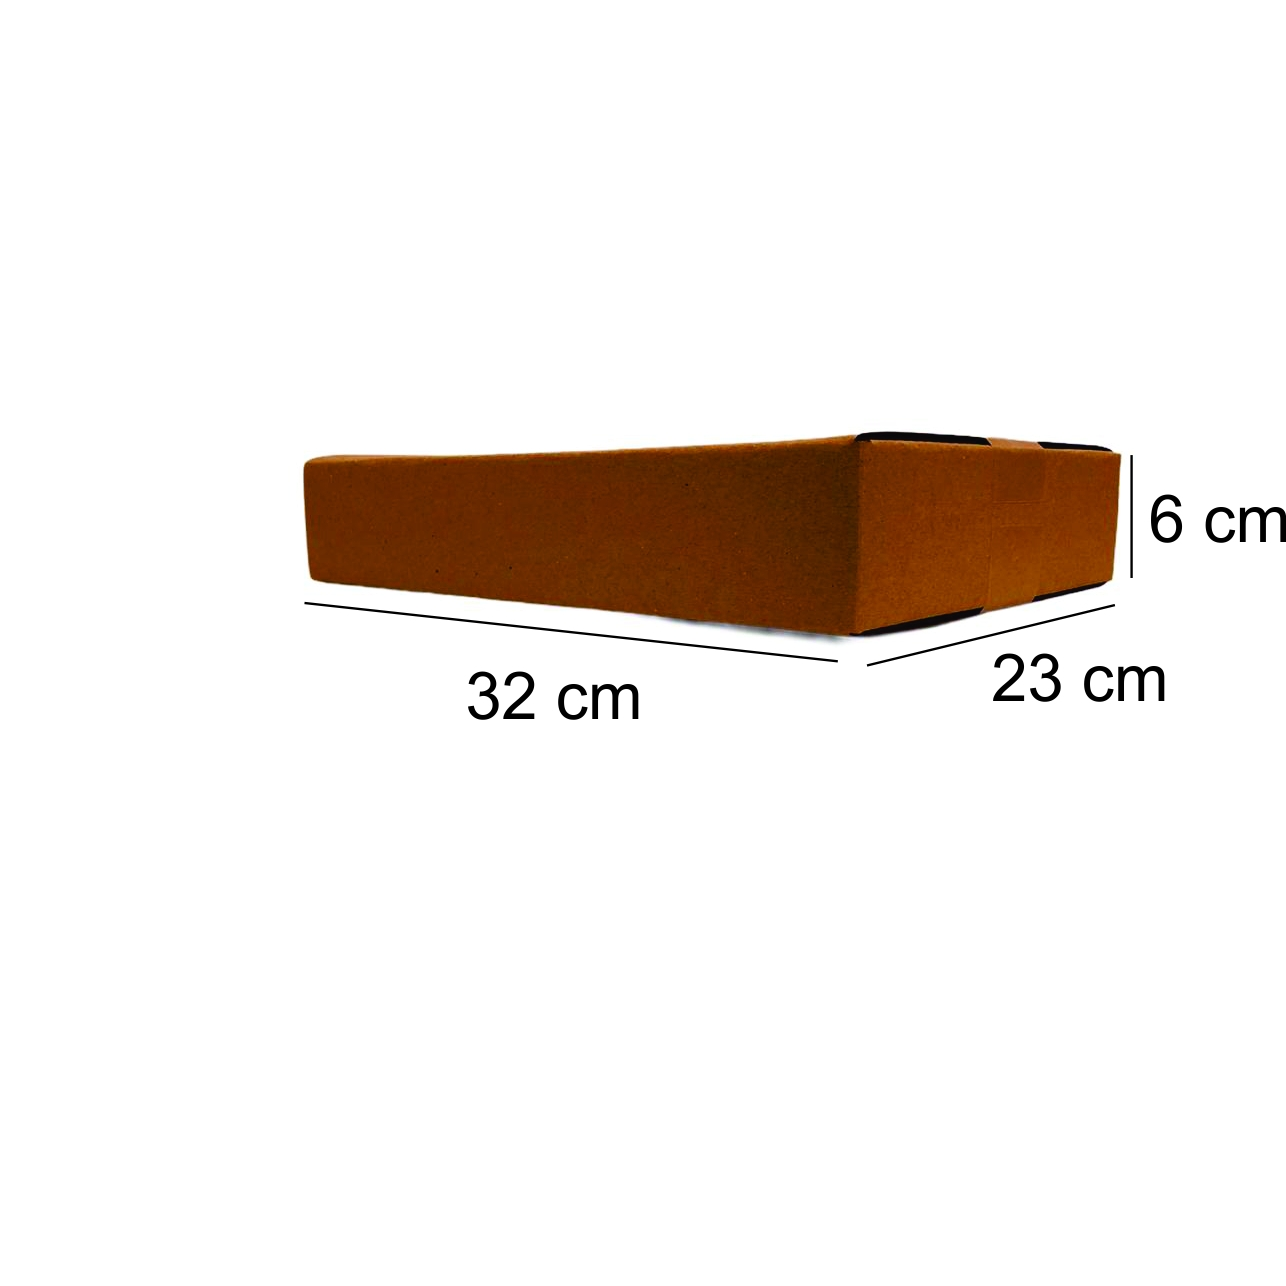 10 Caixas de Papelao (32X23X6)cm - Sedex / Pac / Correios